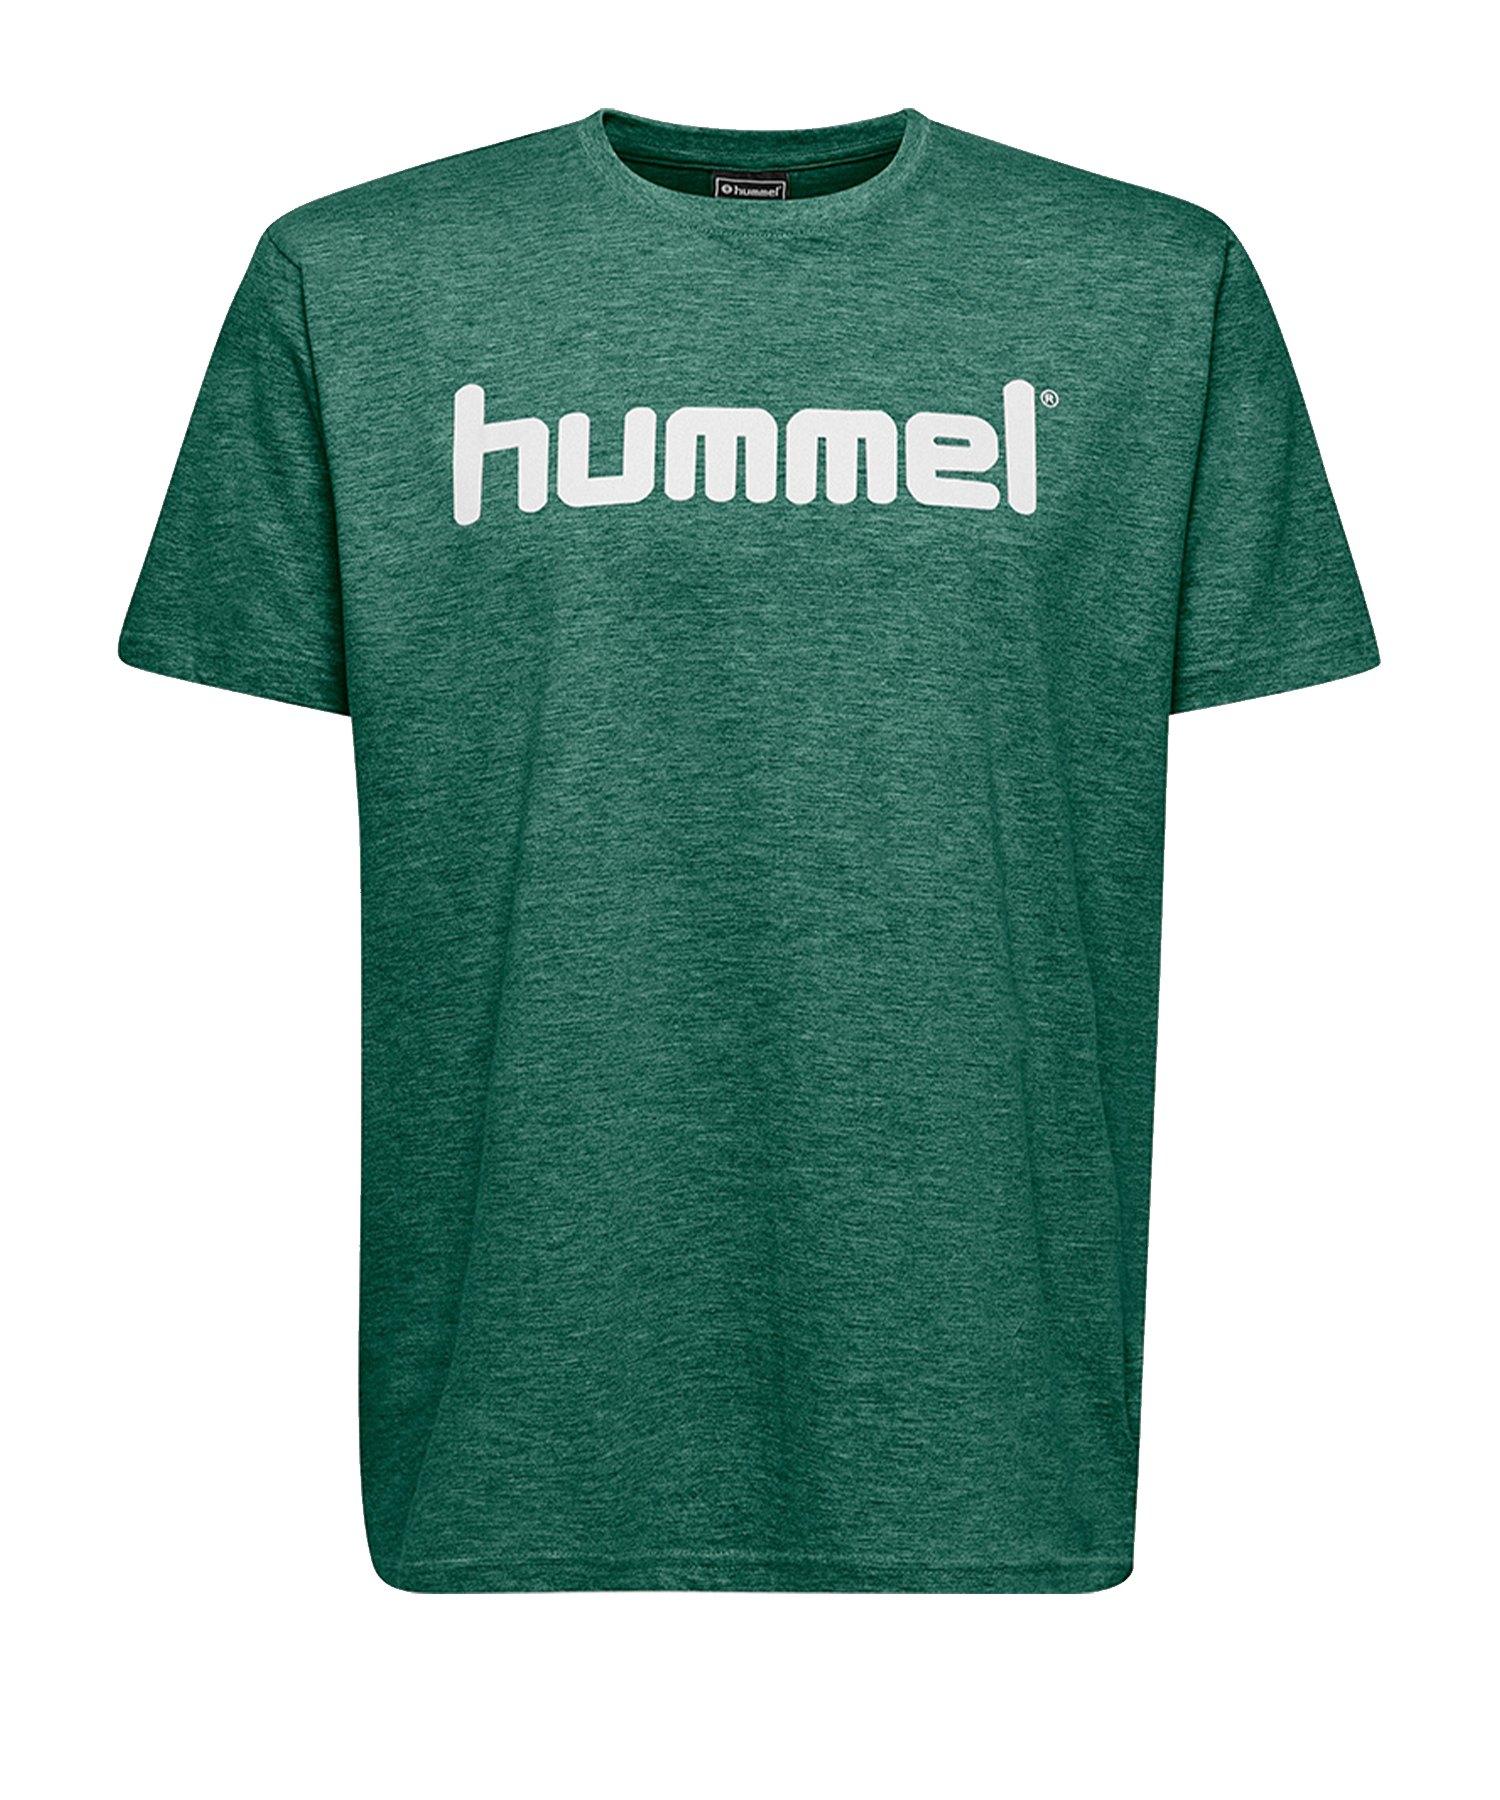 Hummel Cotton T-Shirt Logo Grün F6140 - Gruen